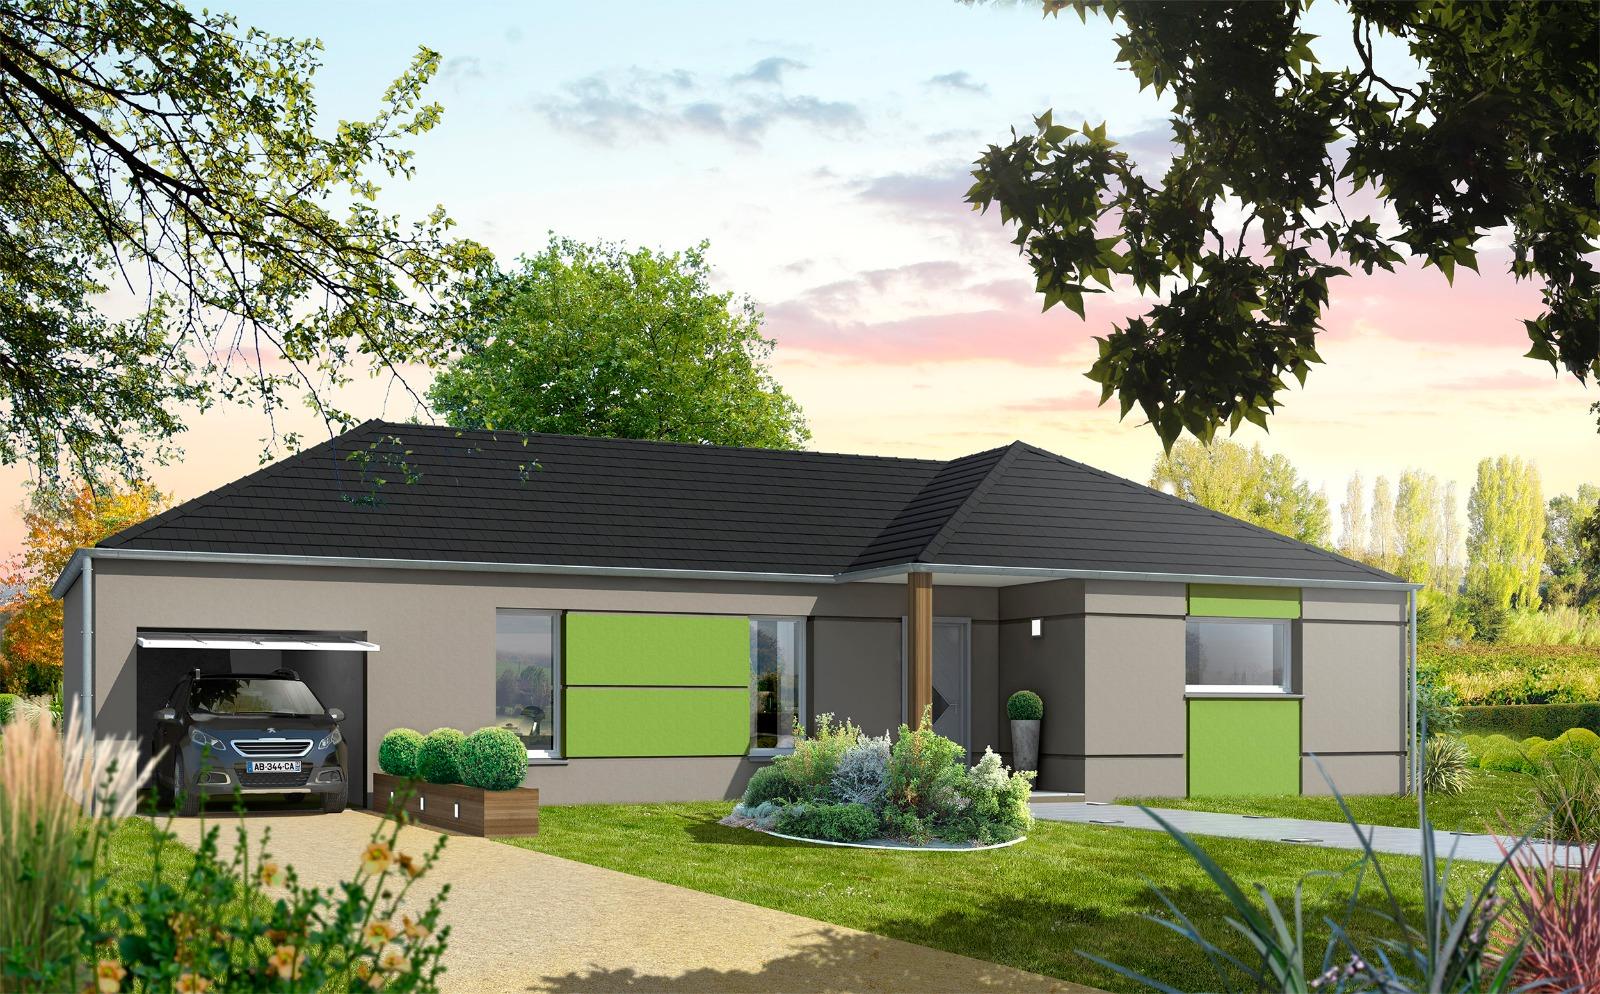 Maison de Plain Pied de 95 m2 avec Garage - 3 Chambres - Compagnons Constructeurs